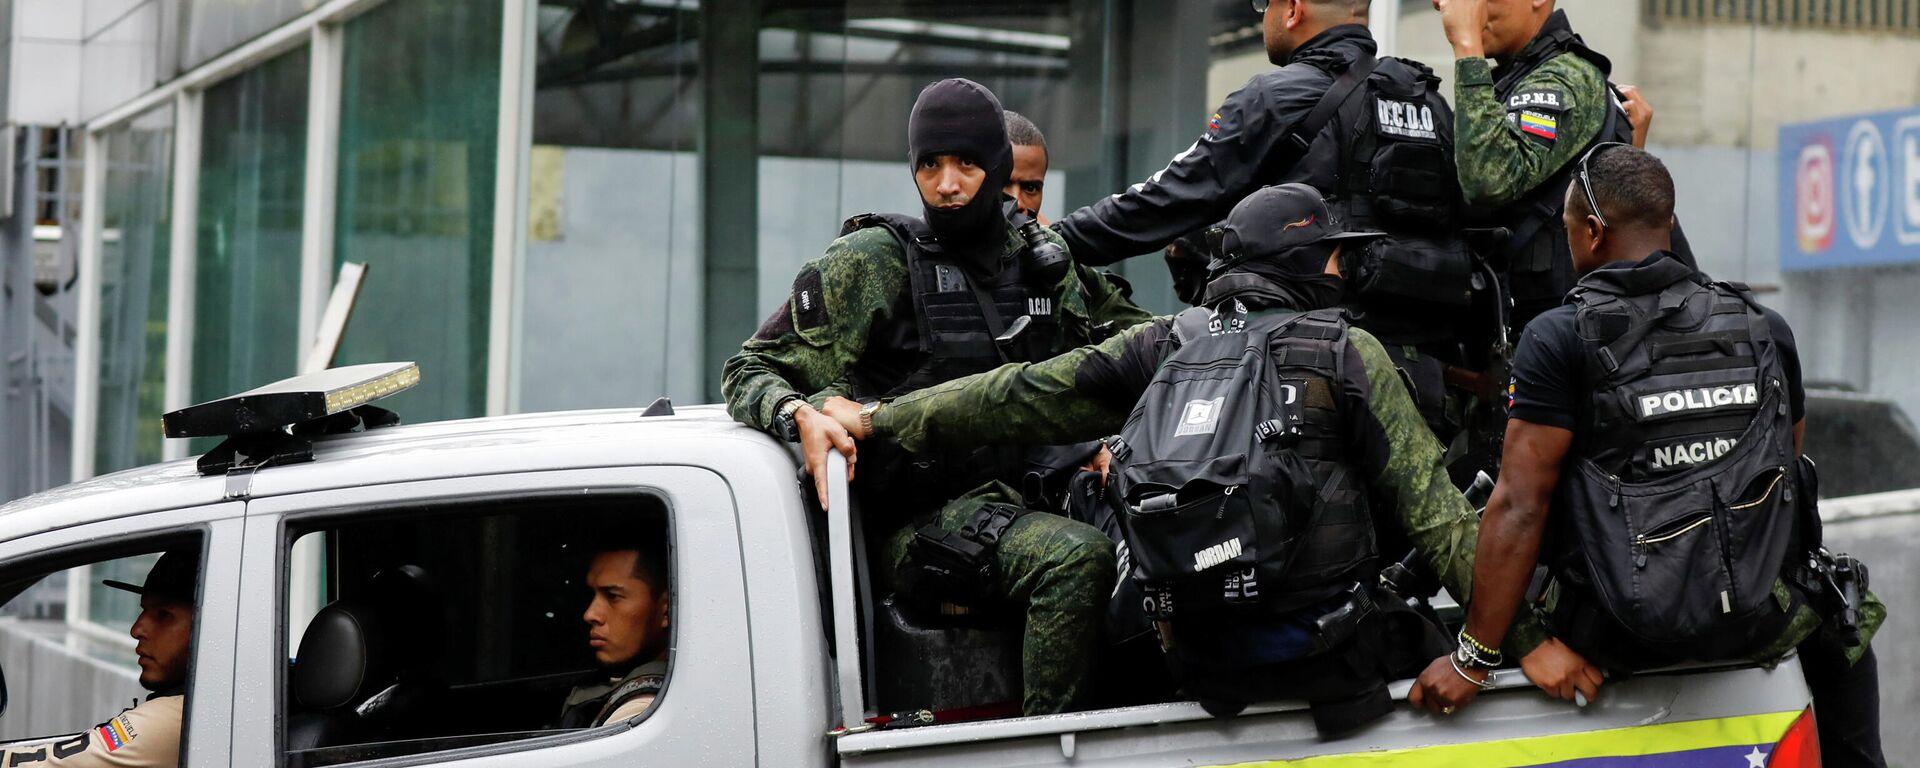 El operativo de seguridad en Caracas - Sputnik Mundo, 1920, 11.07.2021